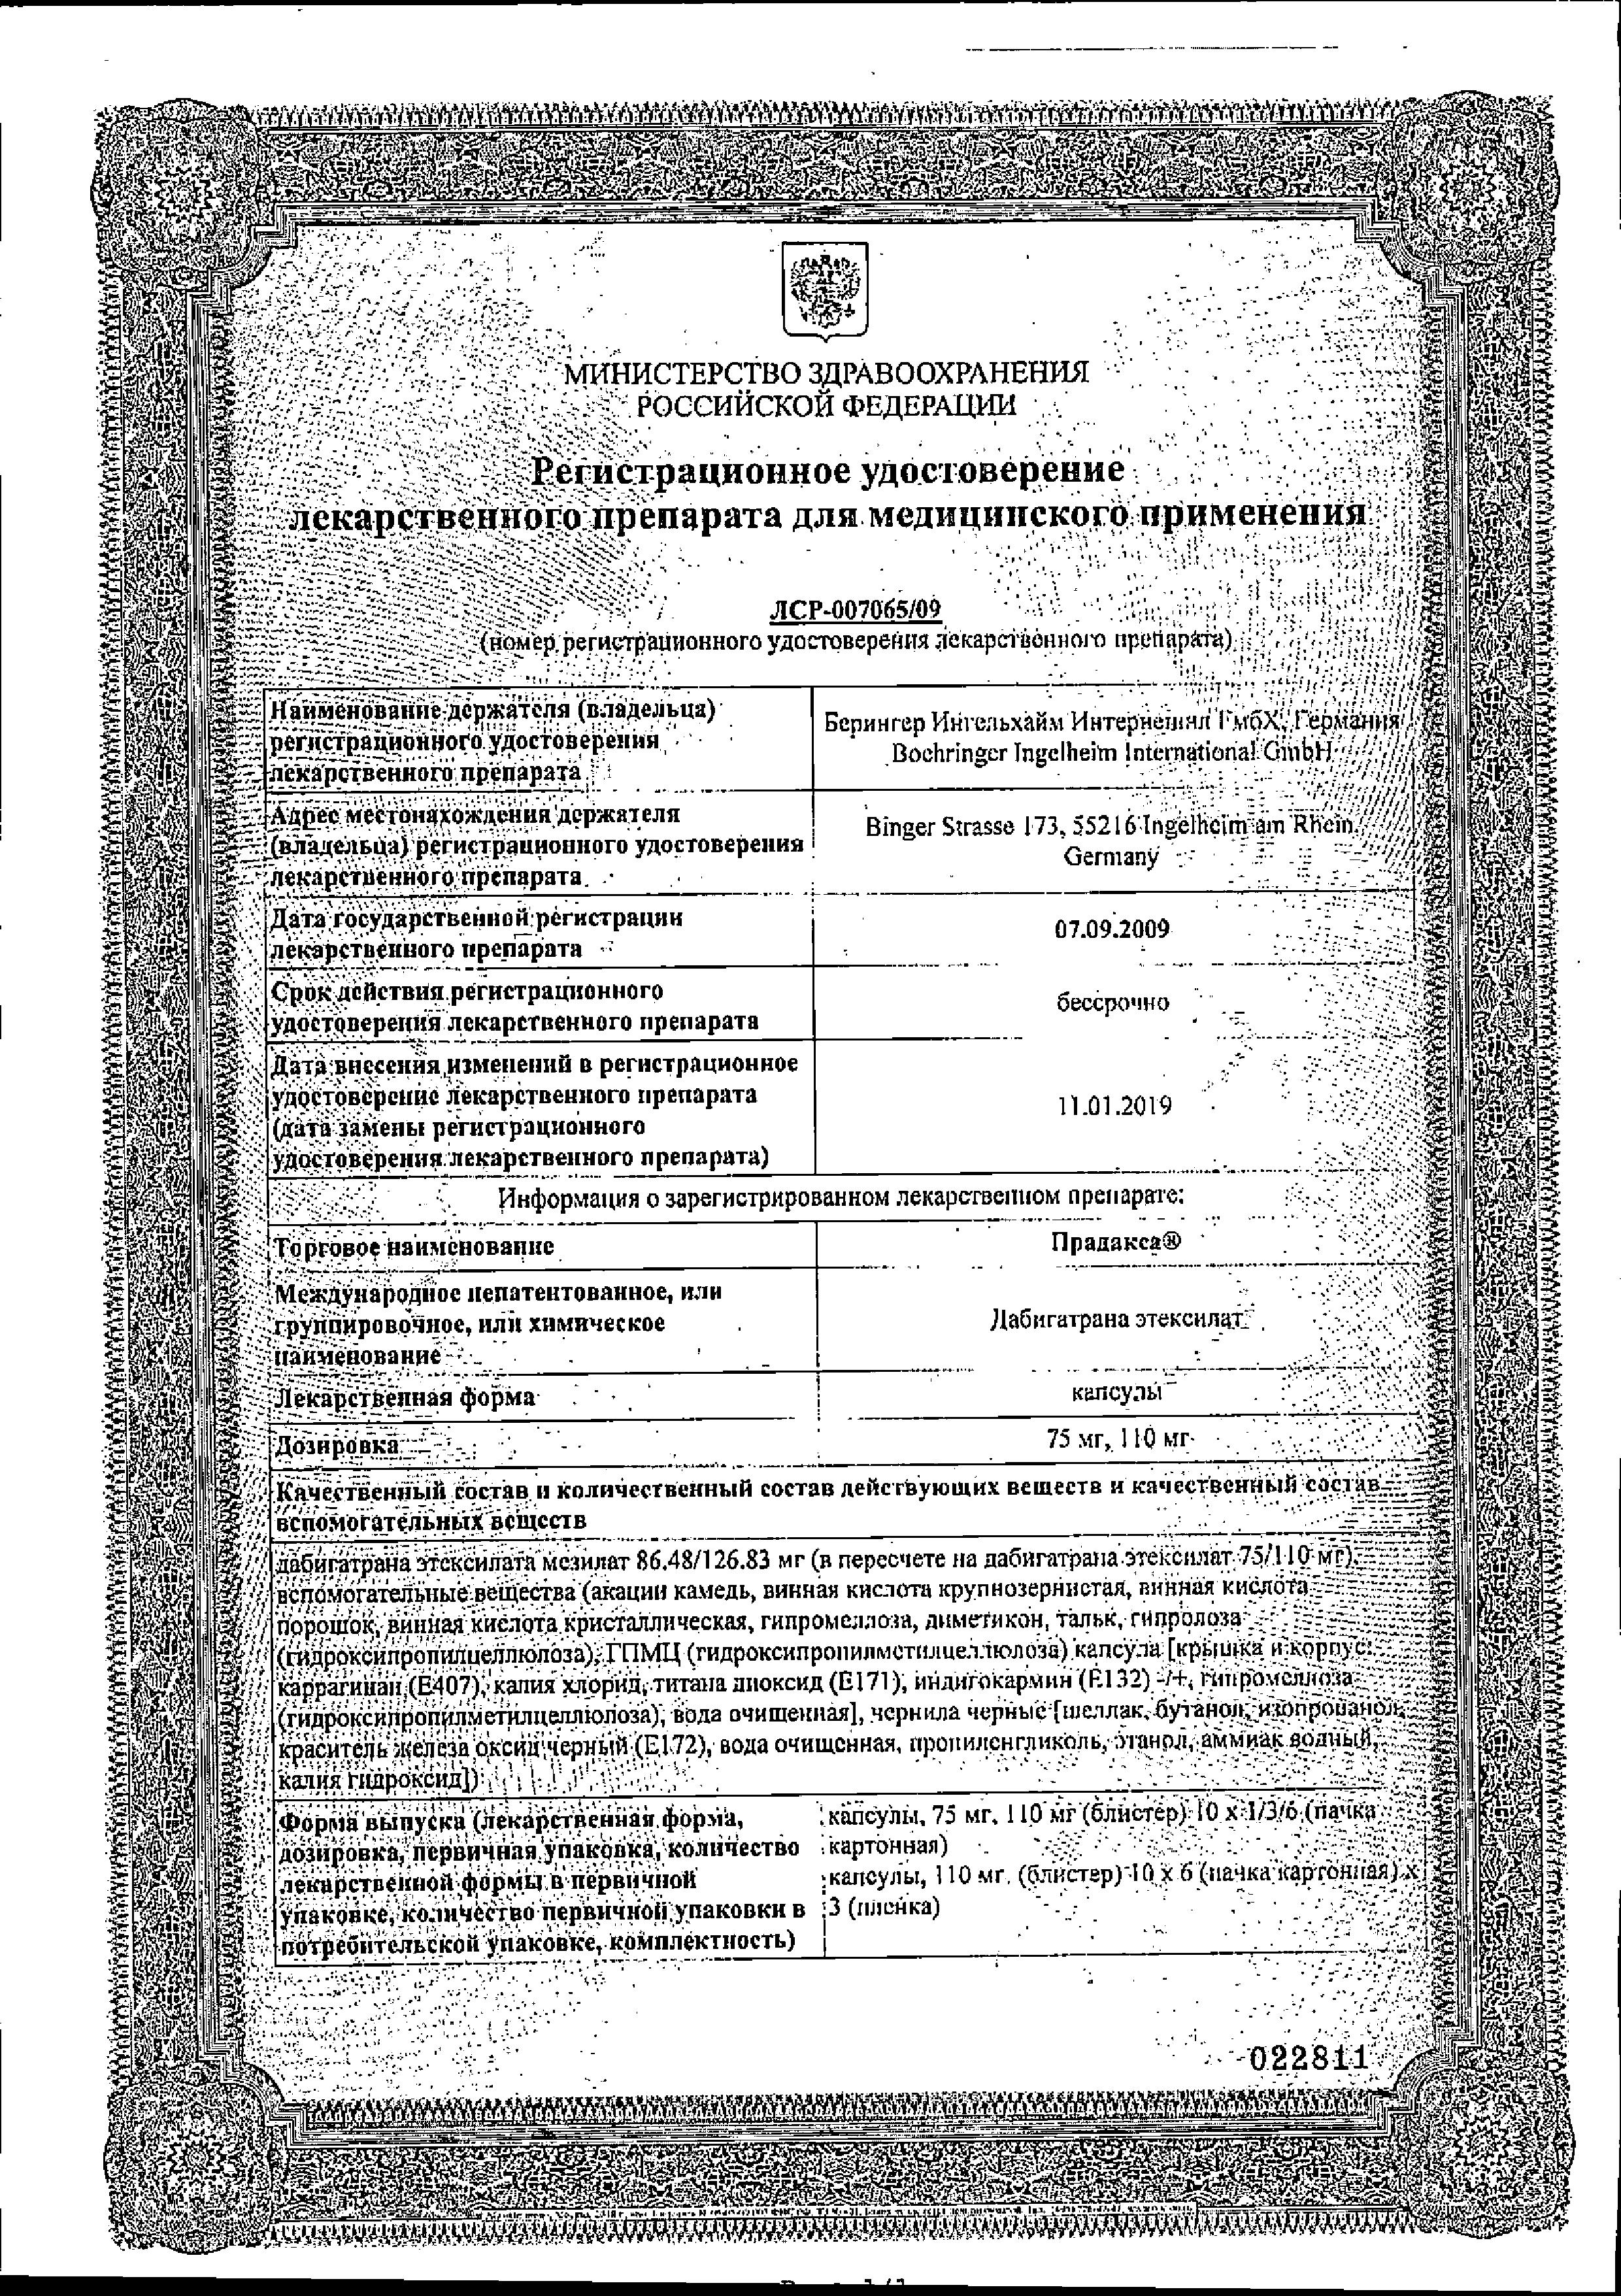 Прадакса сертификат